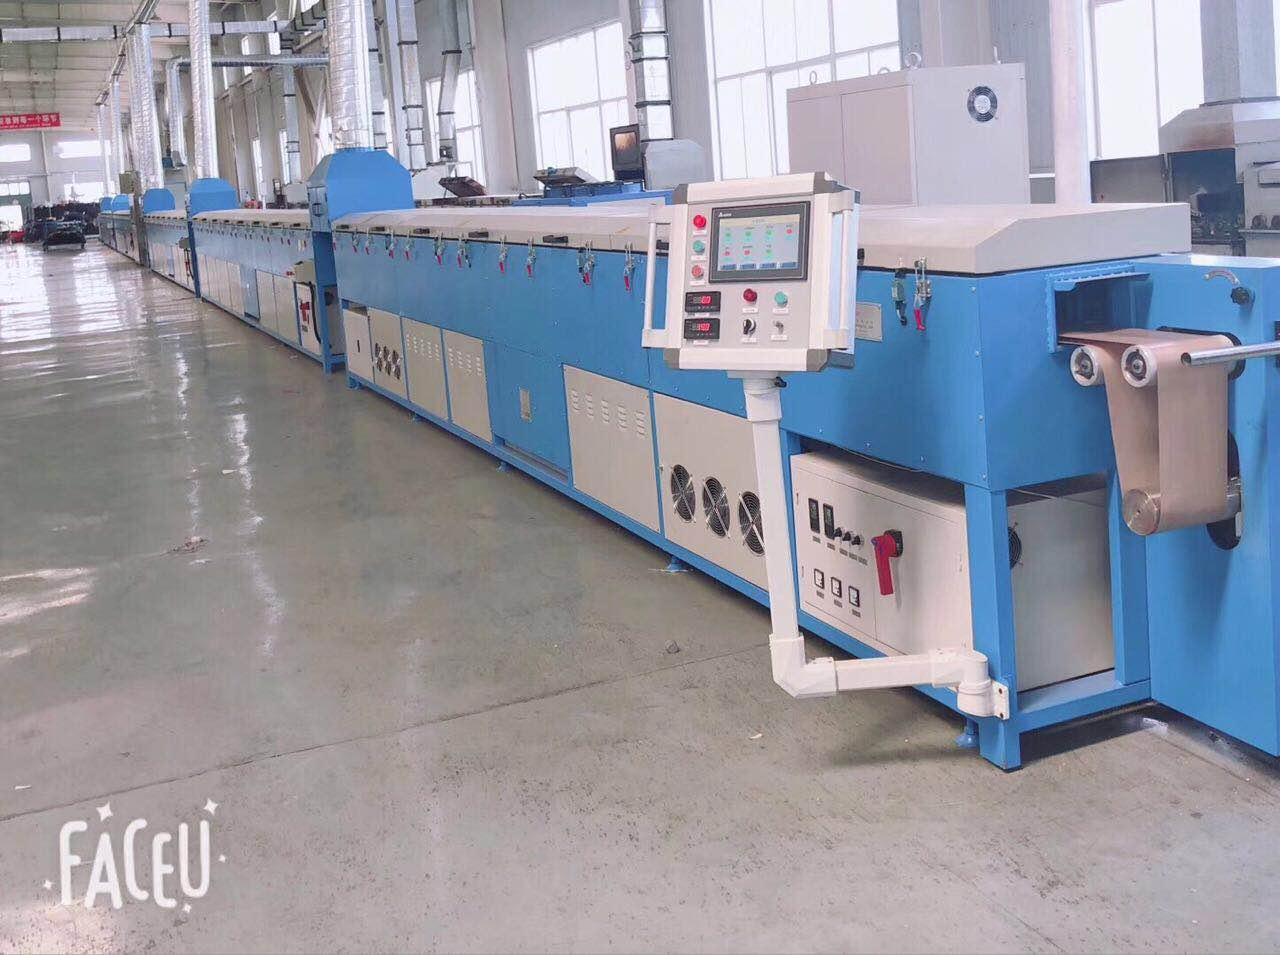 橡胶挤出机设备,橡胶挤出成型机设备,橡胶挤出机设备生产厂家